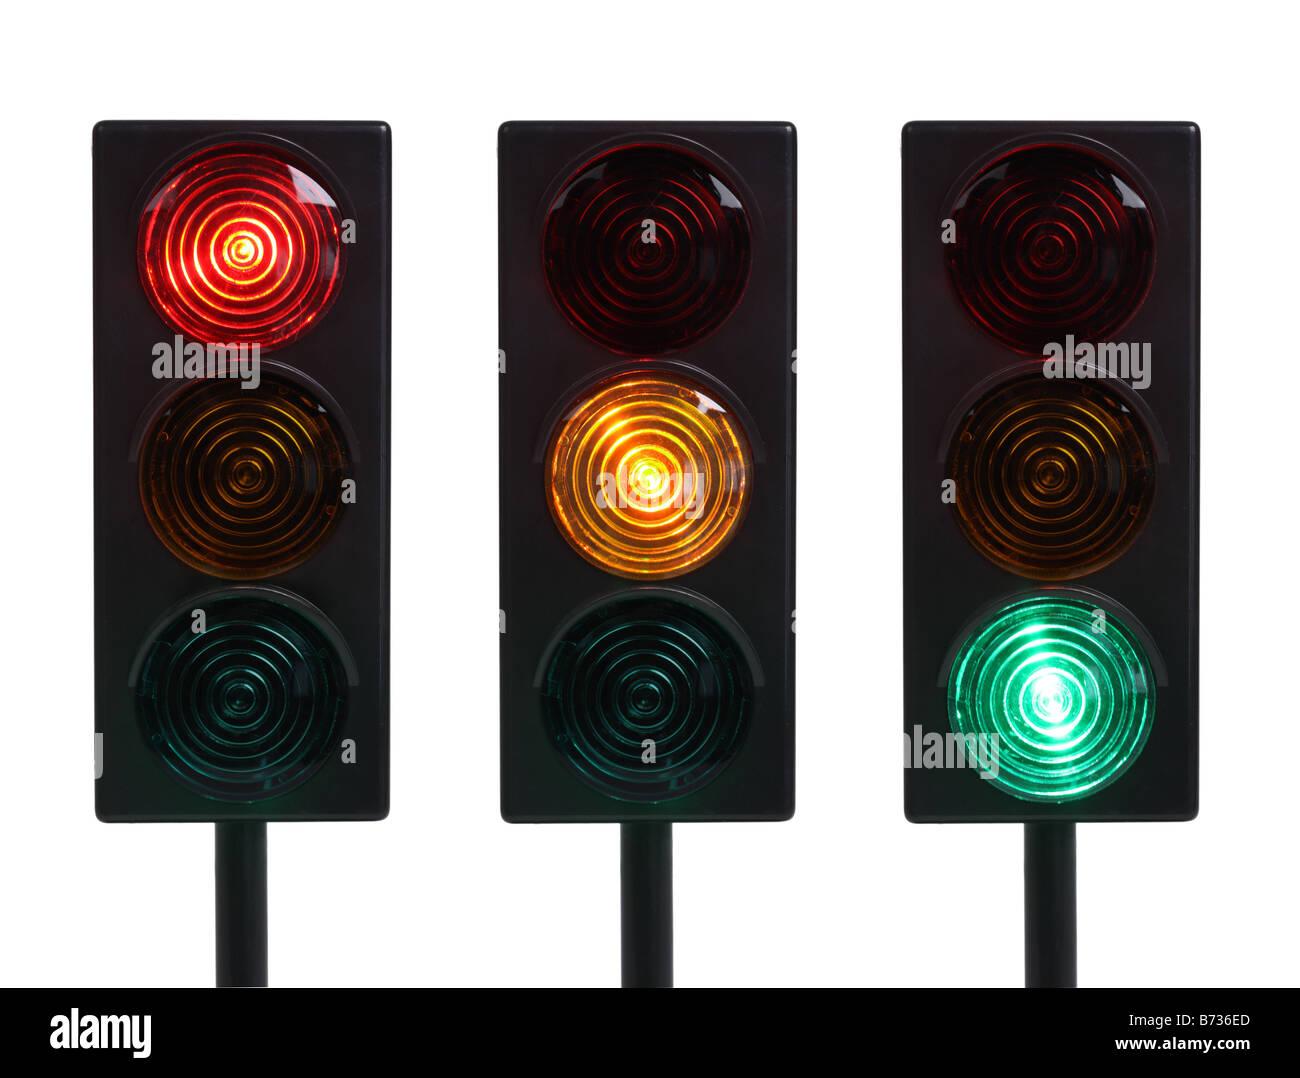 Tres semáforos en rojo amarillo y verde luces recortadas sobre fondo blanco. Imagen De Stock